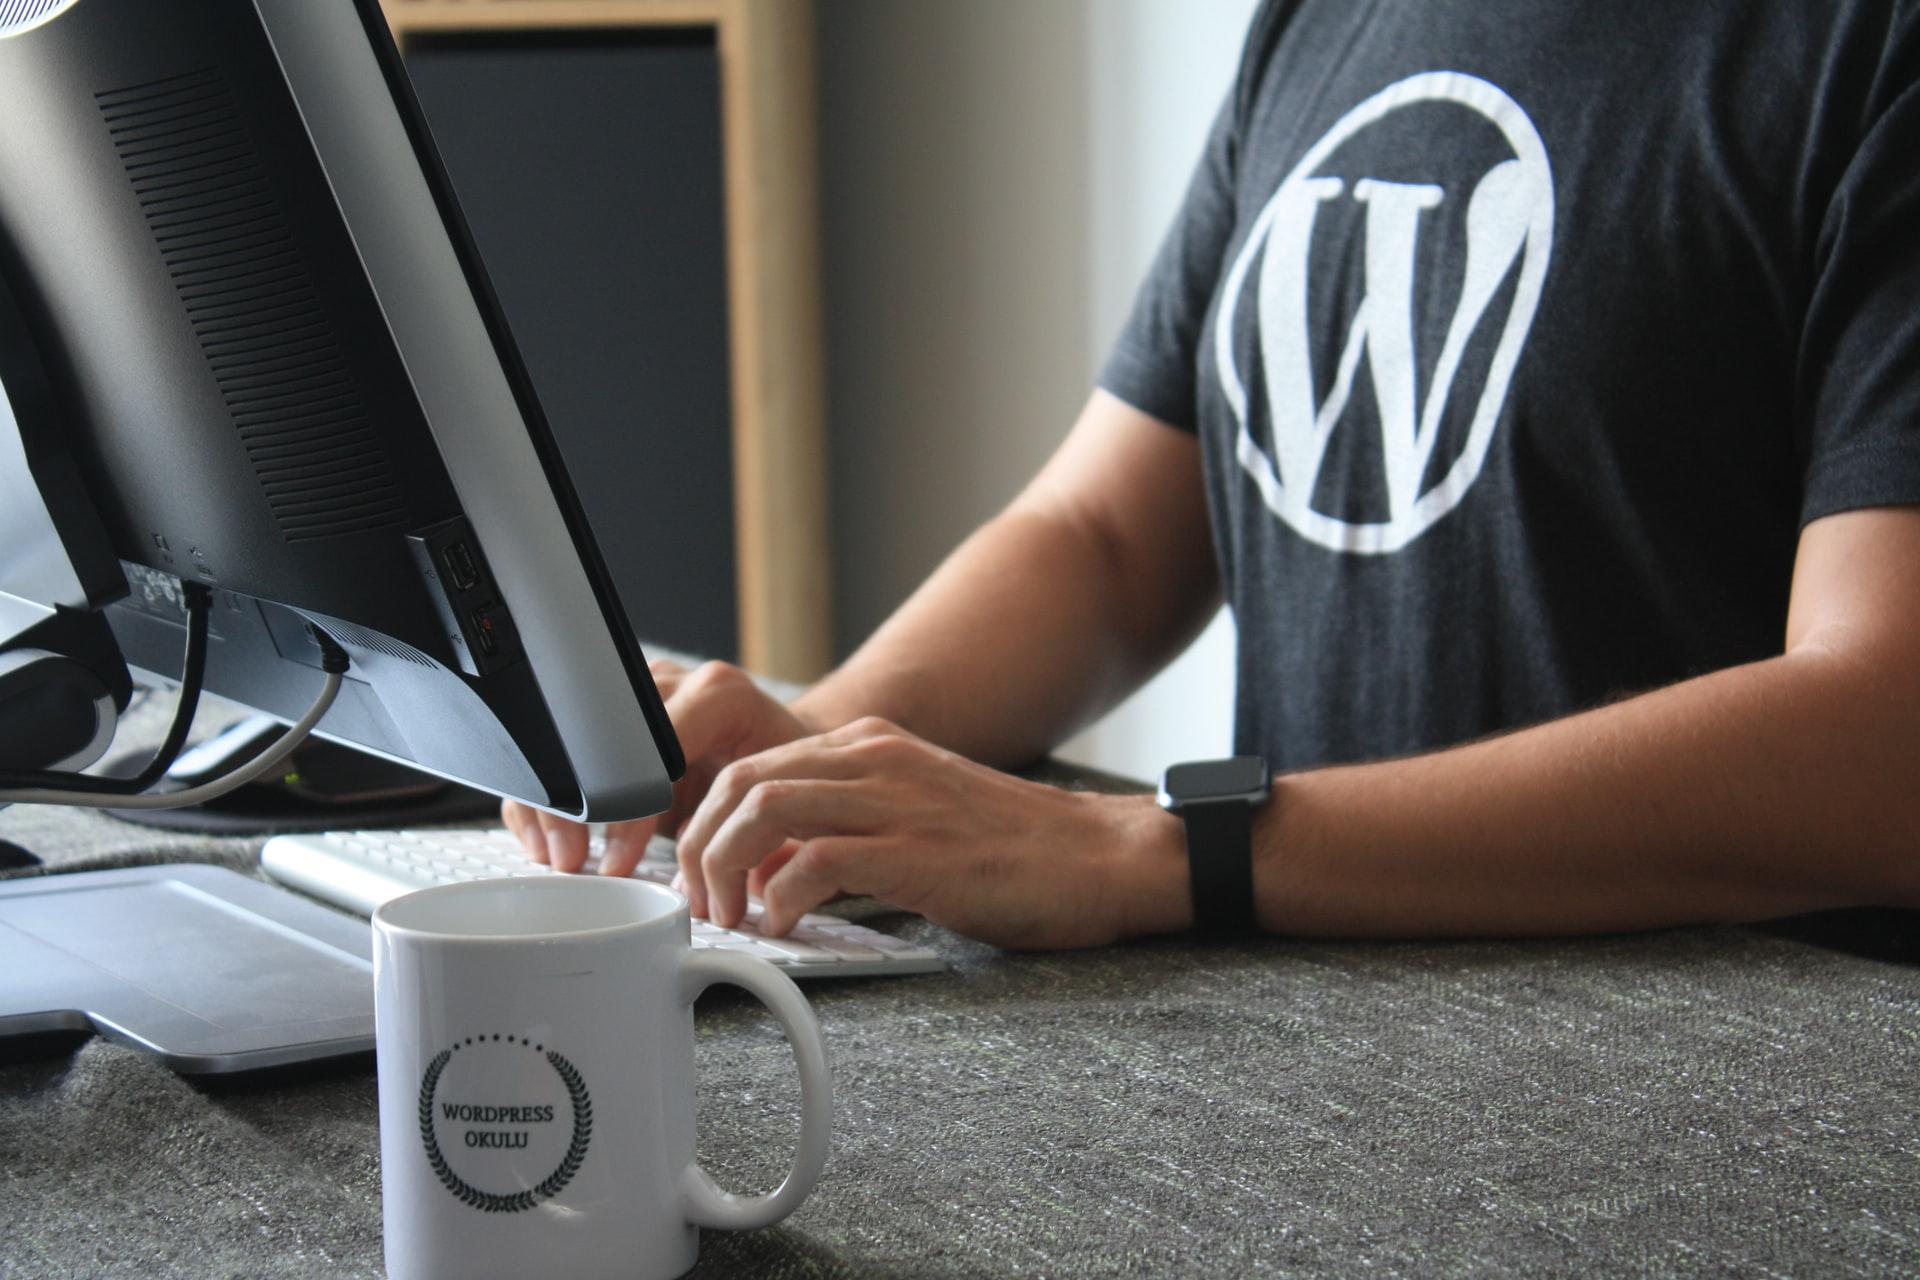 Wordpress hjemmeside sikkerhed